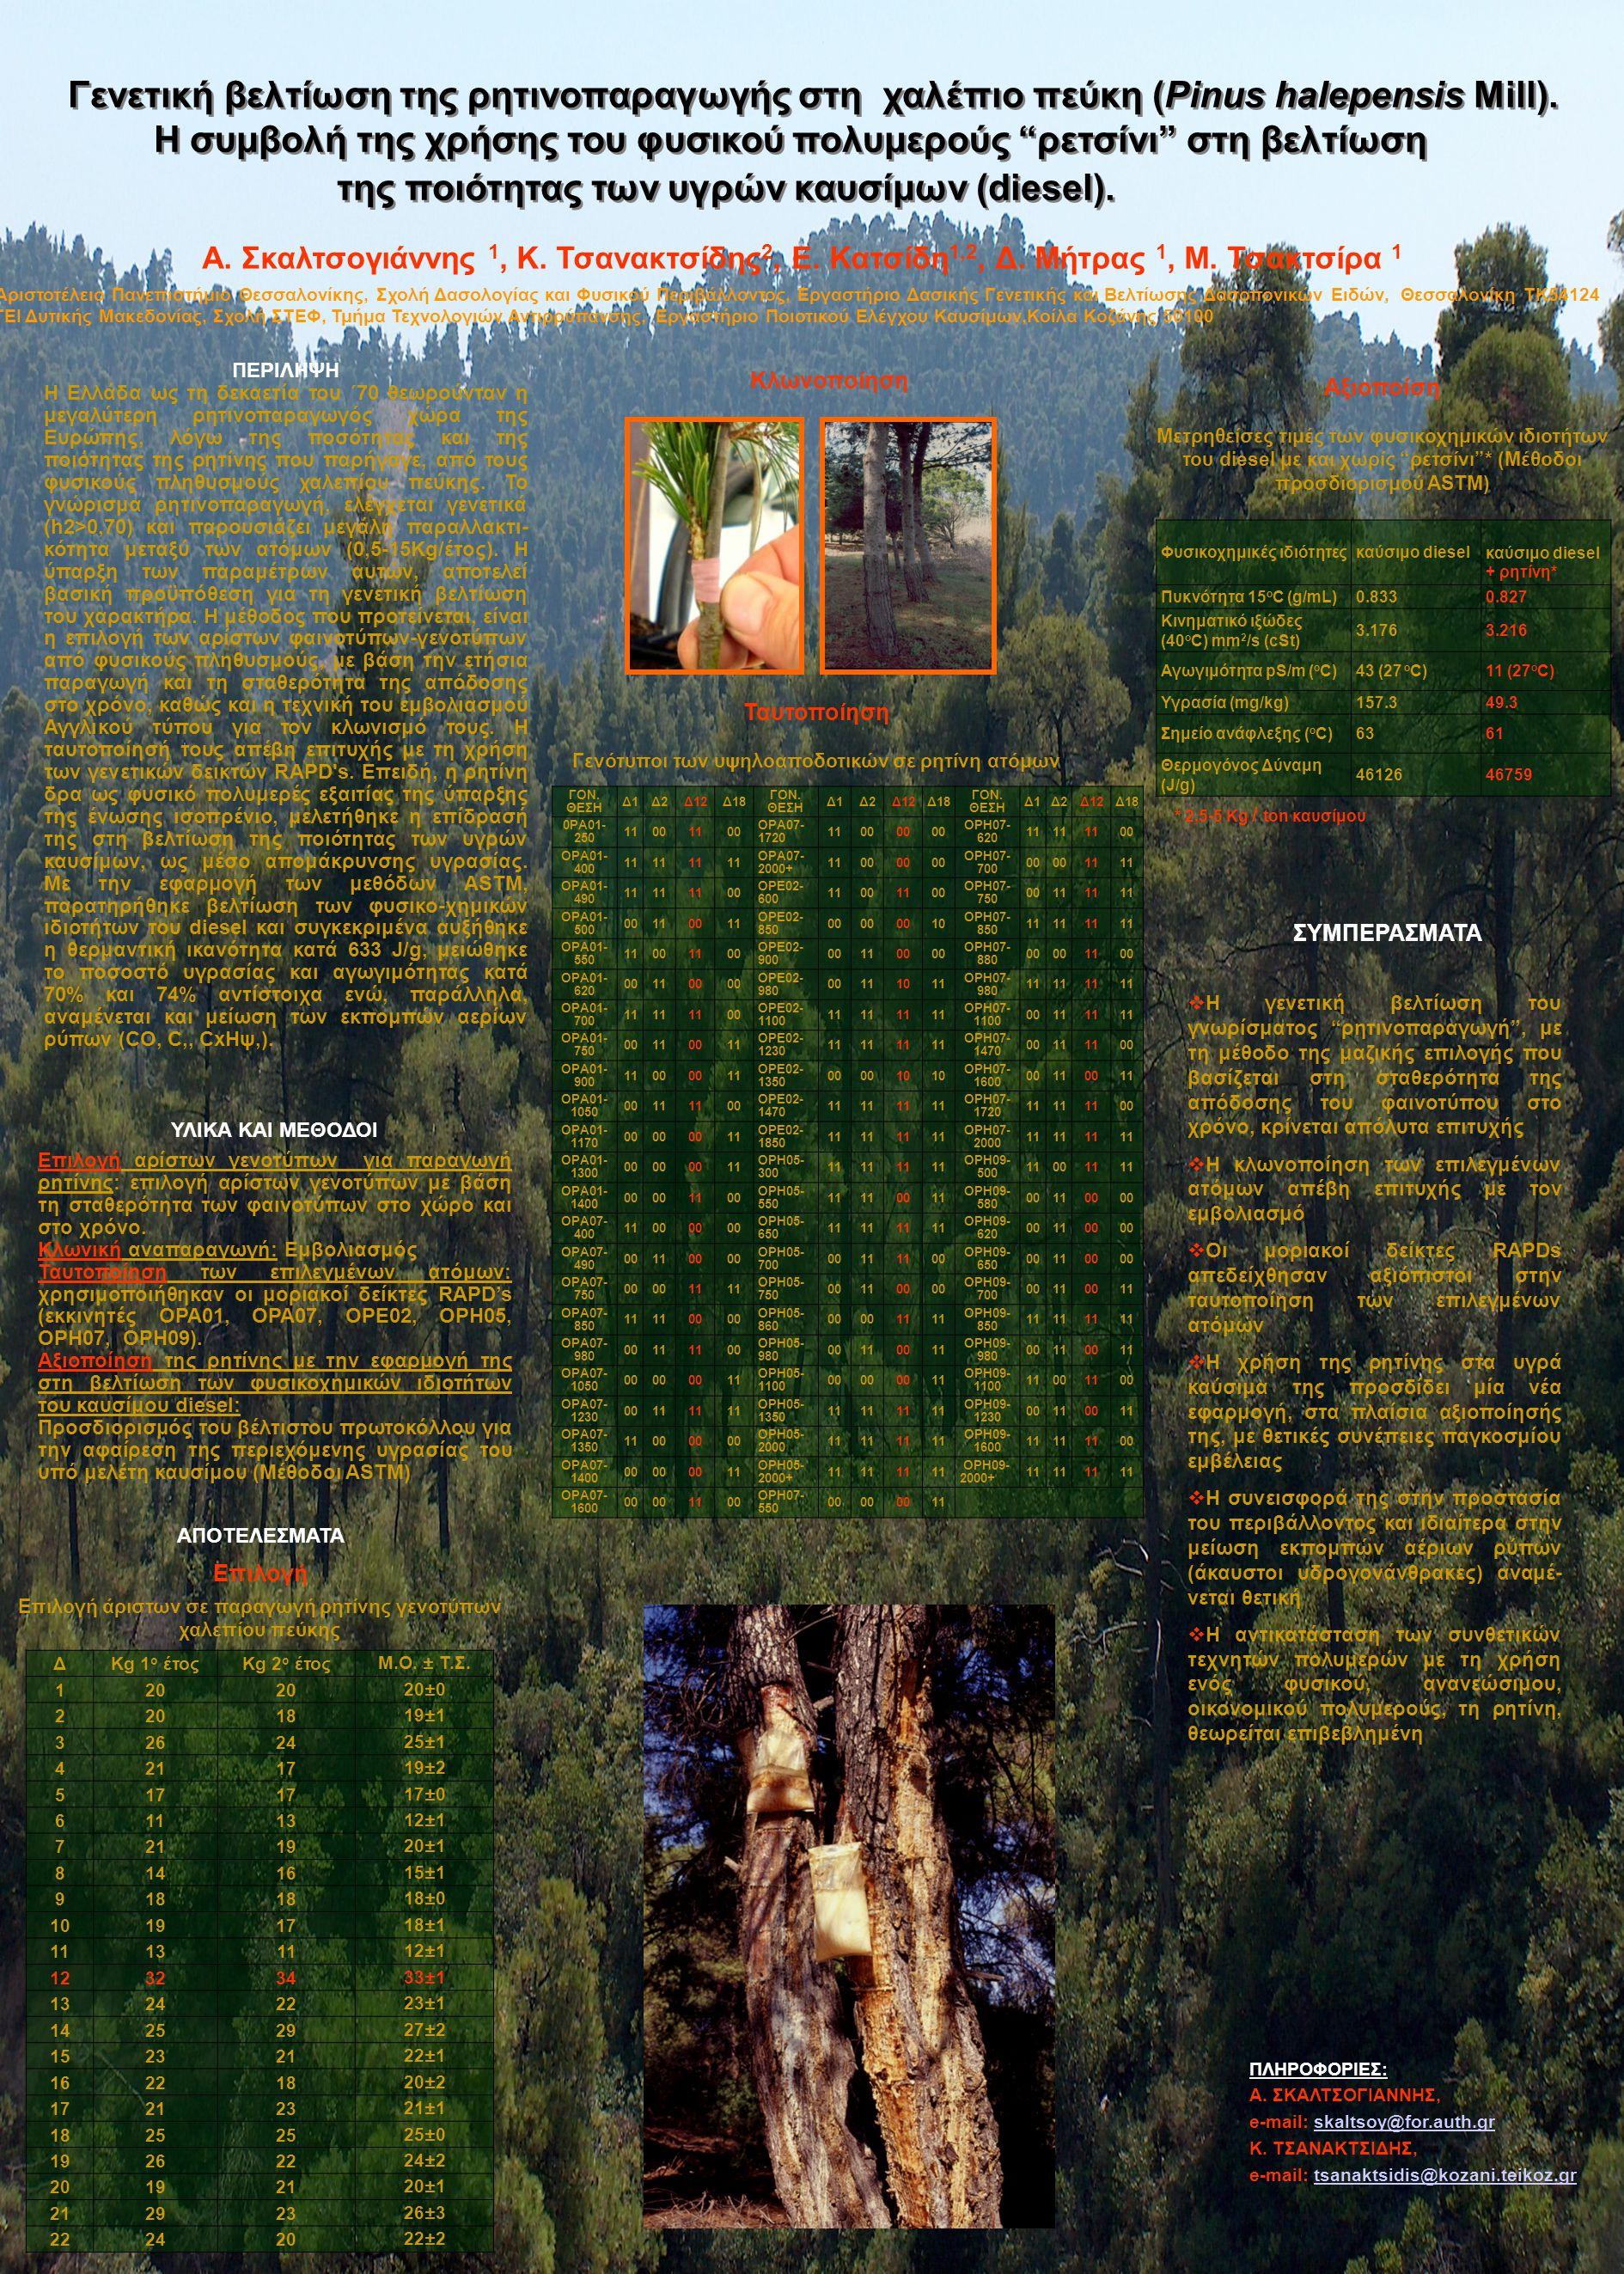 Γενετική βελτίωση της ρητινοπαραγωγής στη χαλέπιο πεύκη (Pinus halepensis Mill).